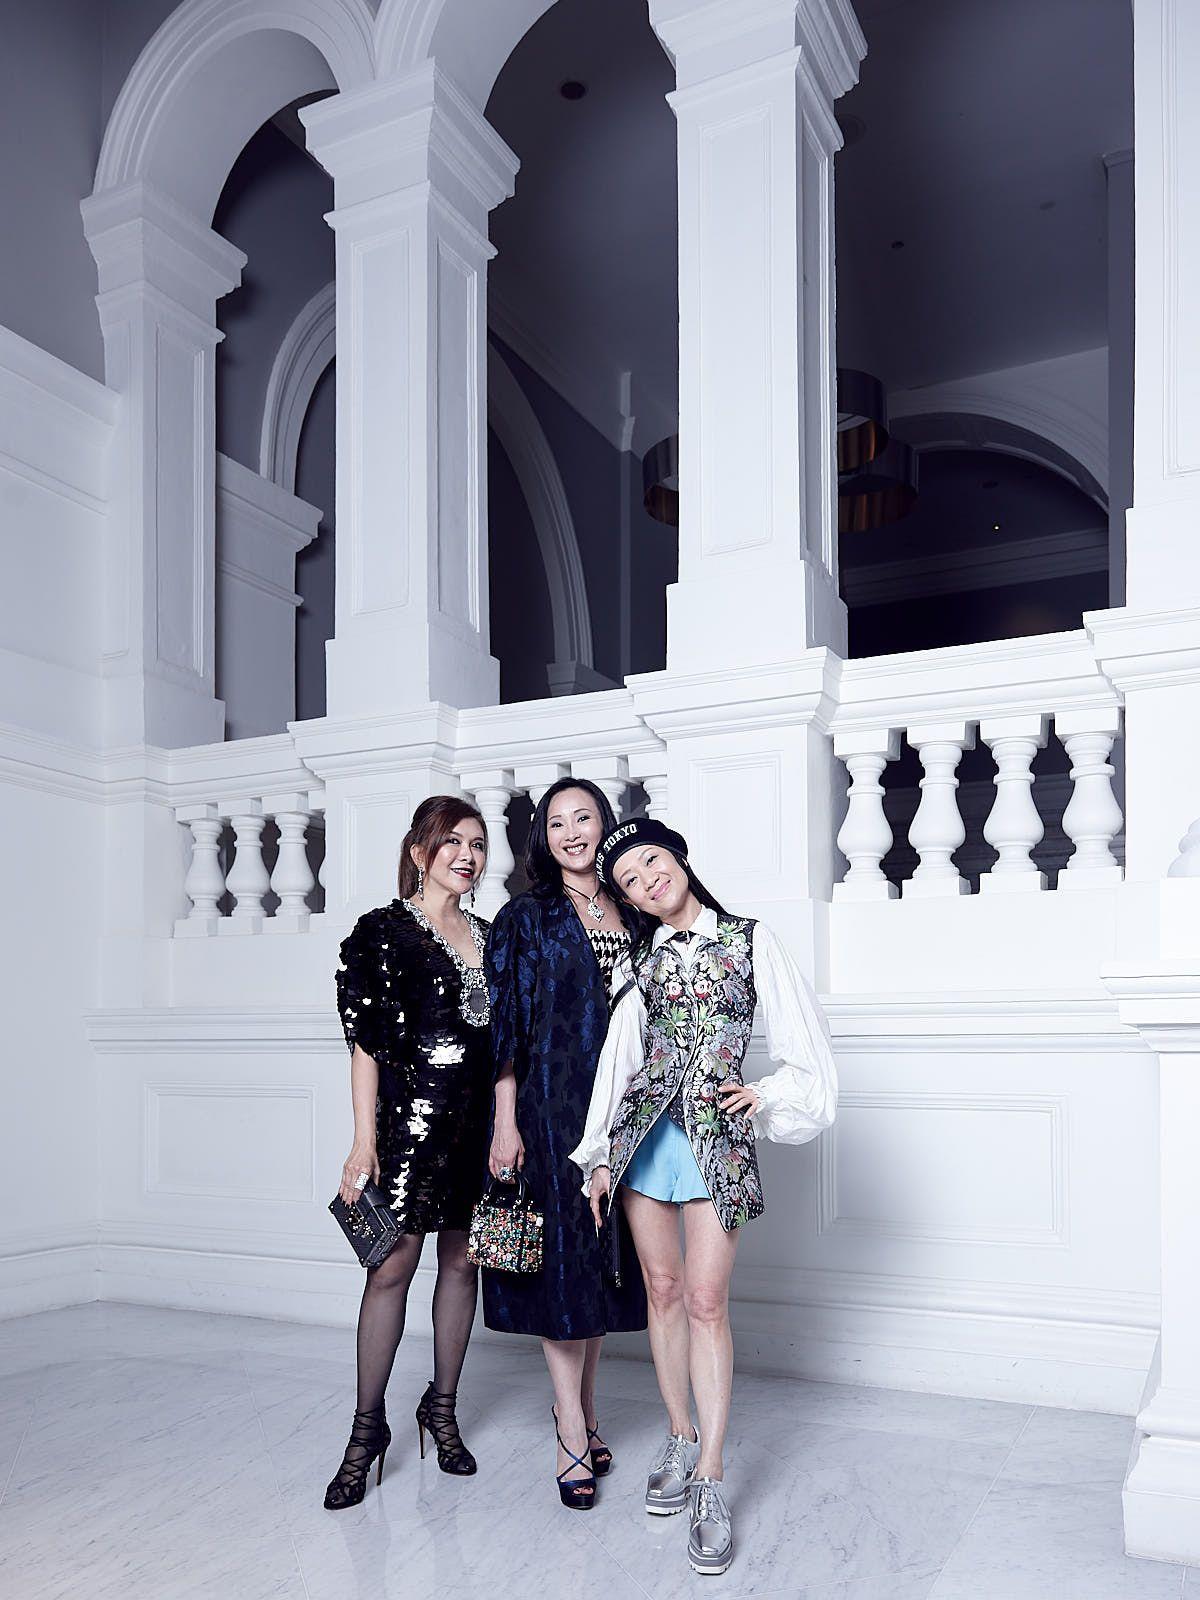 Belinda Chua in Dennes Y Prive, Caroline Low-Heah in vintage Dior, Dana Cheong in Louis Vuitton